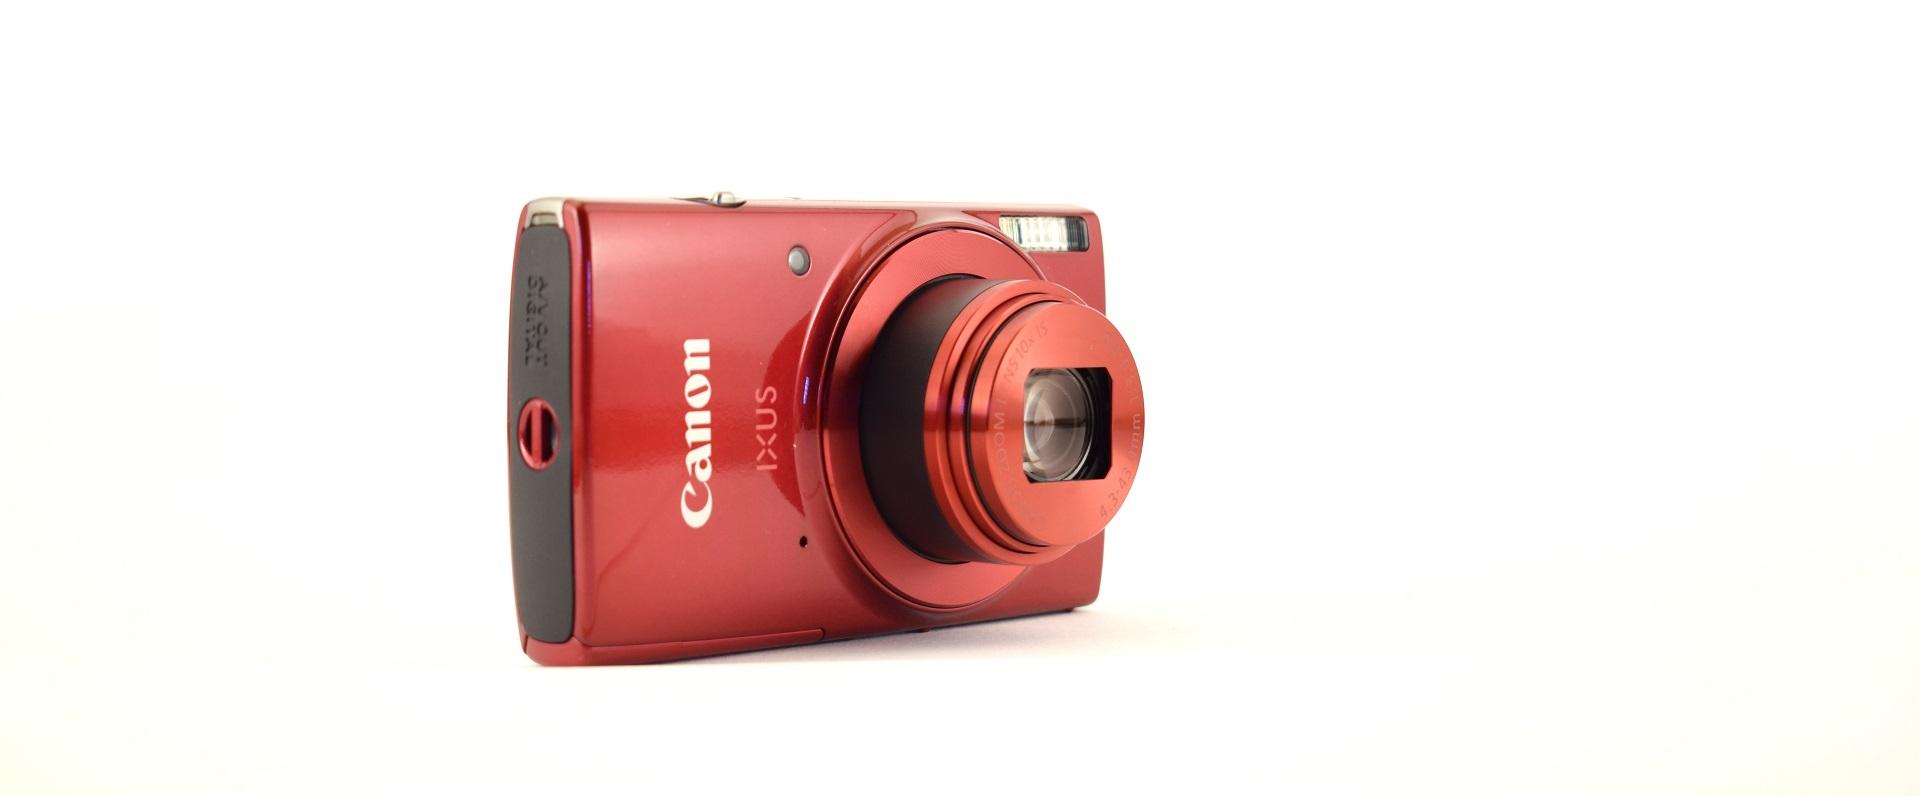 canon ixus 180 recensione